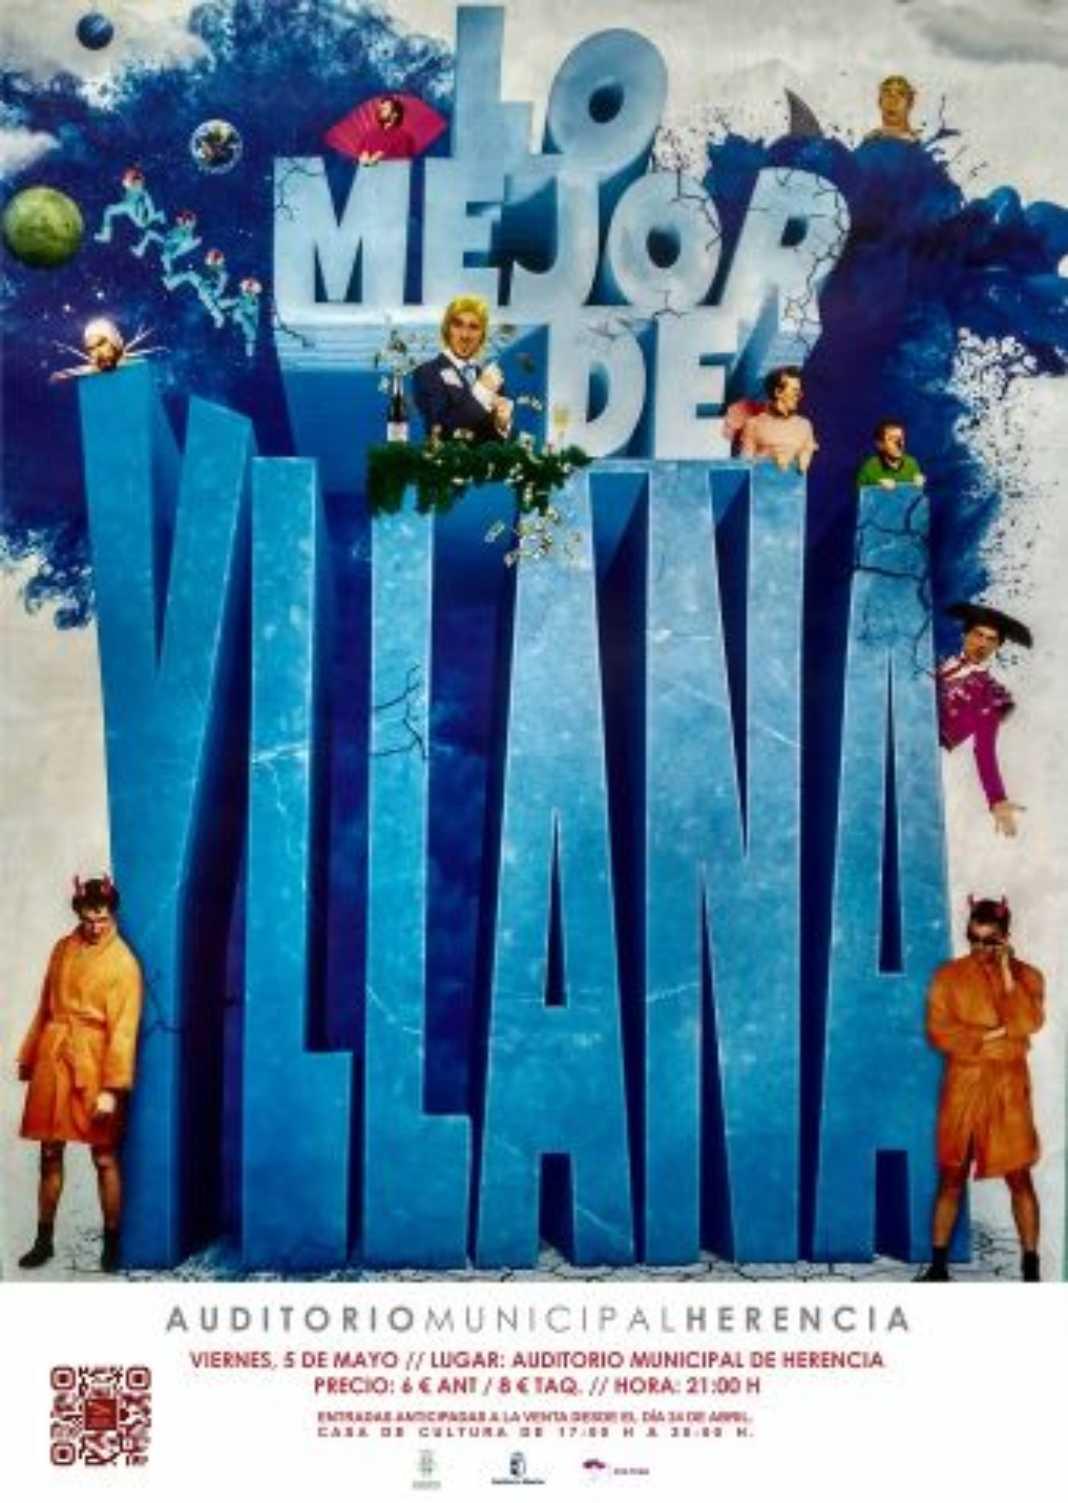 CARTEL YLLANA 1068x1503 - Lo mejor de Yllana se podrá ver en Herencia